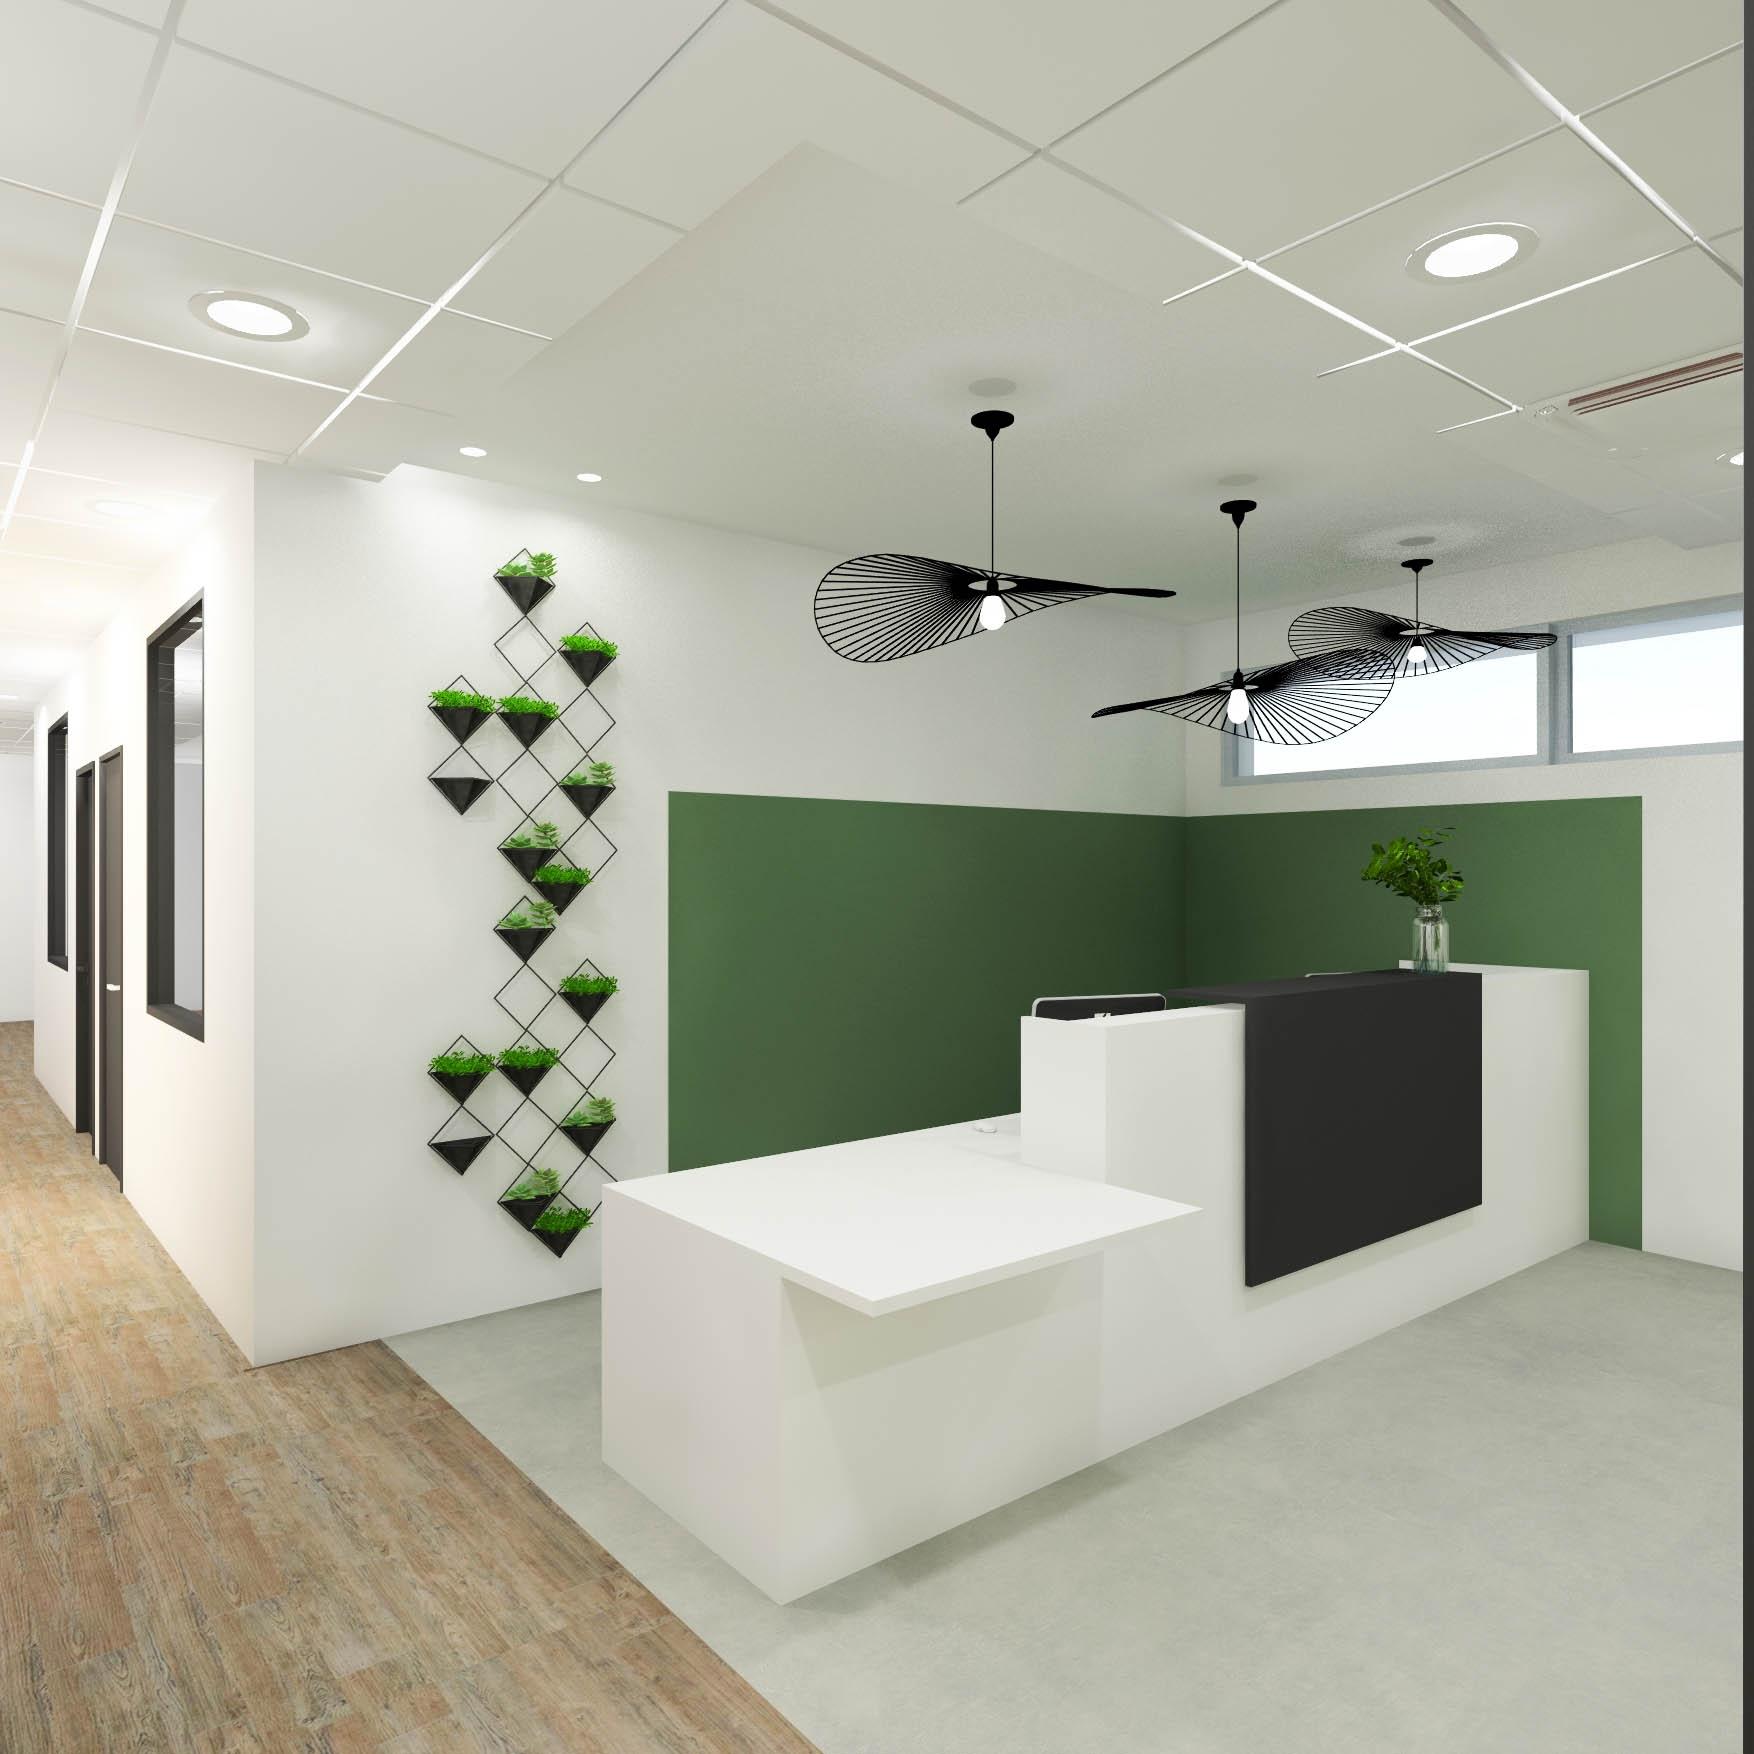 CreaDesign : Architecte intérieur & contractant général second oeuvre du bâtiment